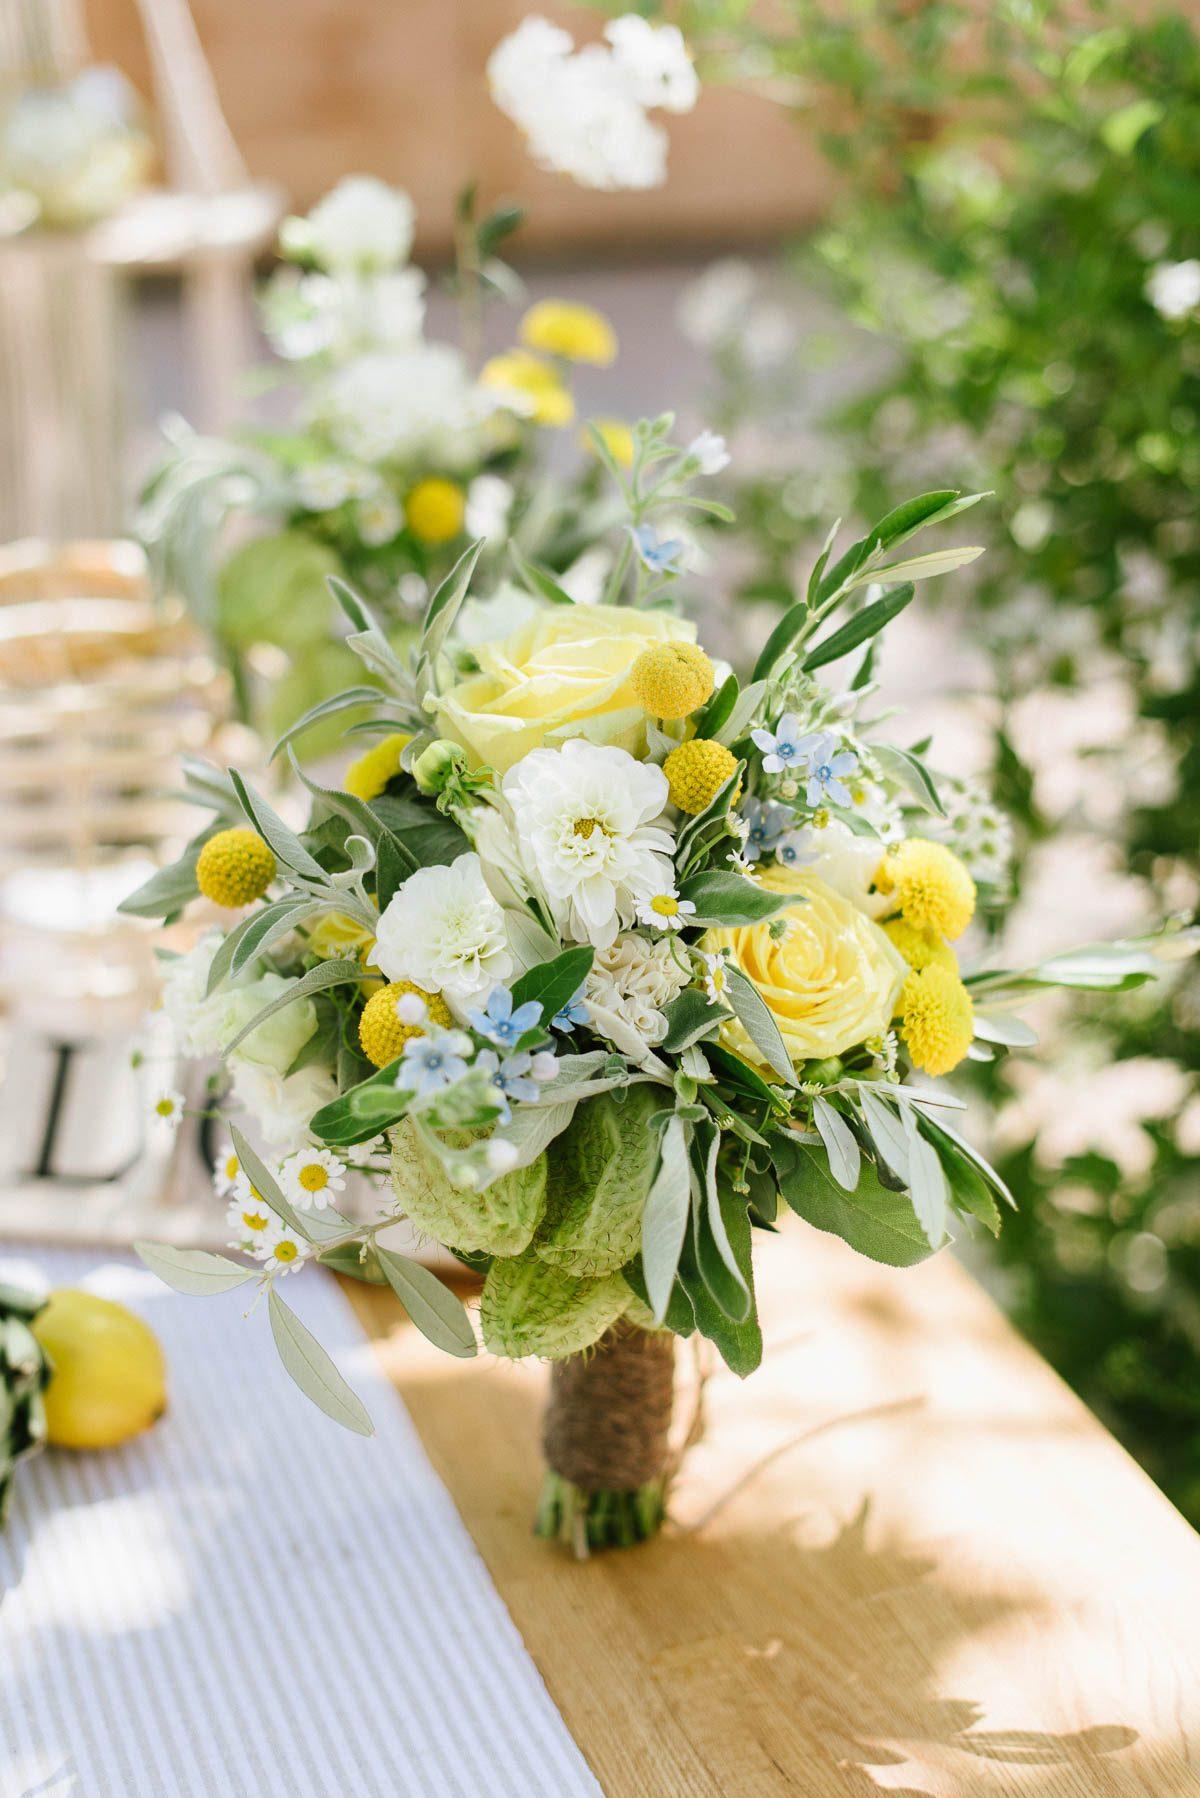 Brautsrauß in gelb, weiß, grün